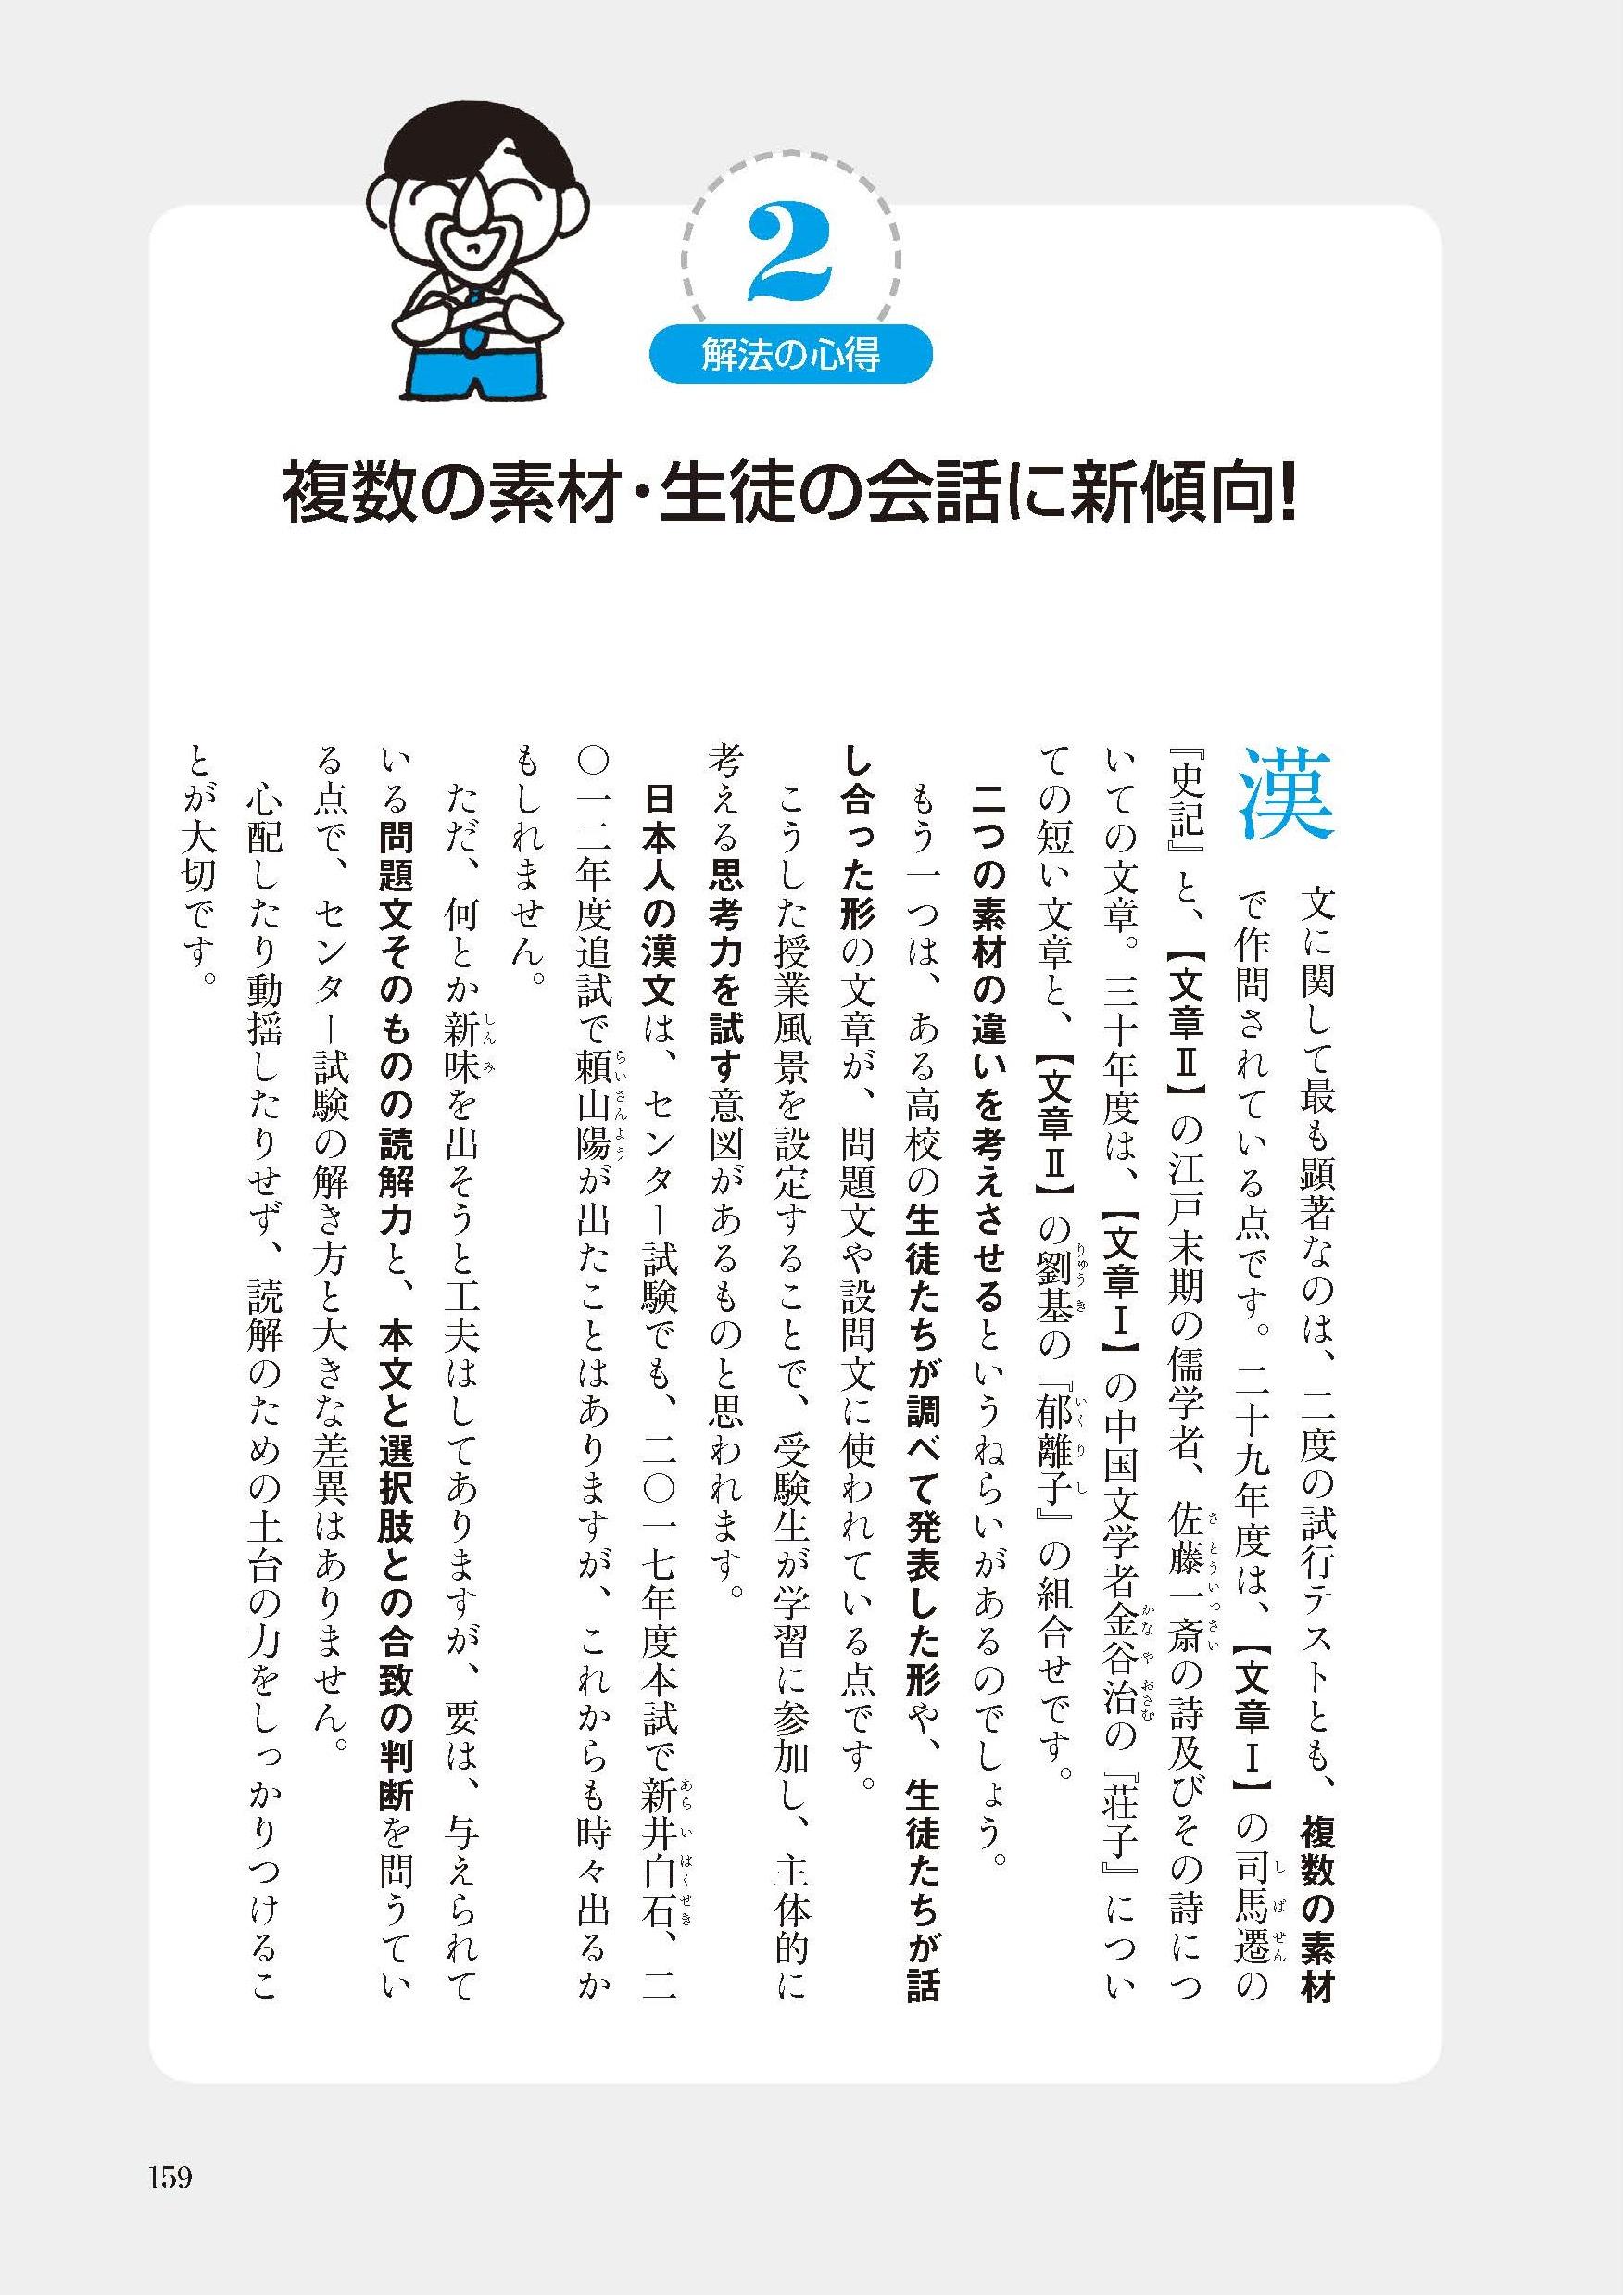 『漢文ヤマのヤマ』共通テストの問題傾向と対策紙面